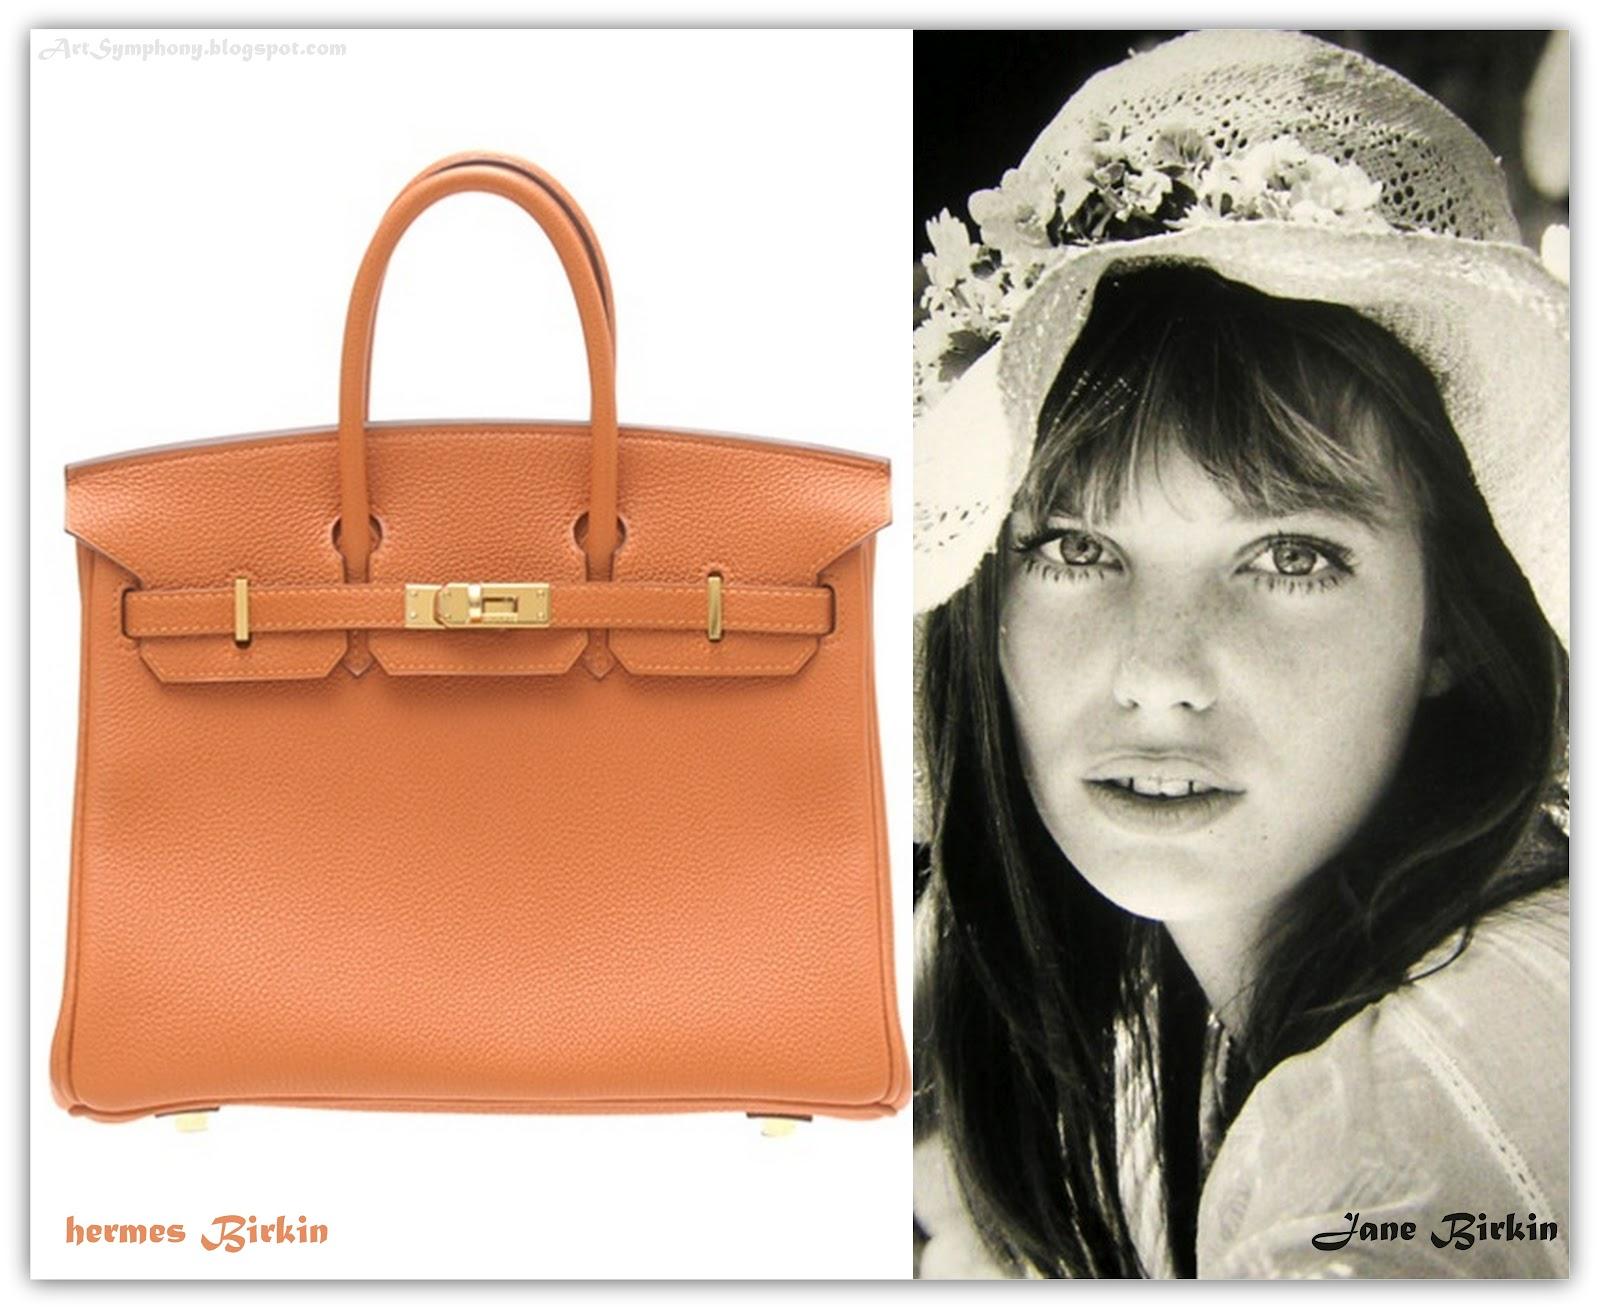 http://2.bp.blogspot.com/-e1QdBvf6VtA/UD-vCT5mODI/AAAAAAAAM3g/YFxBF9ZE7Gk/s1600/1artsymphony_famous+bags.jpg